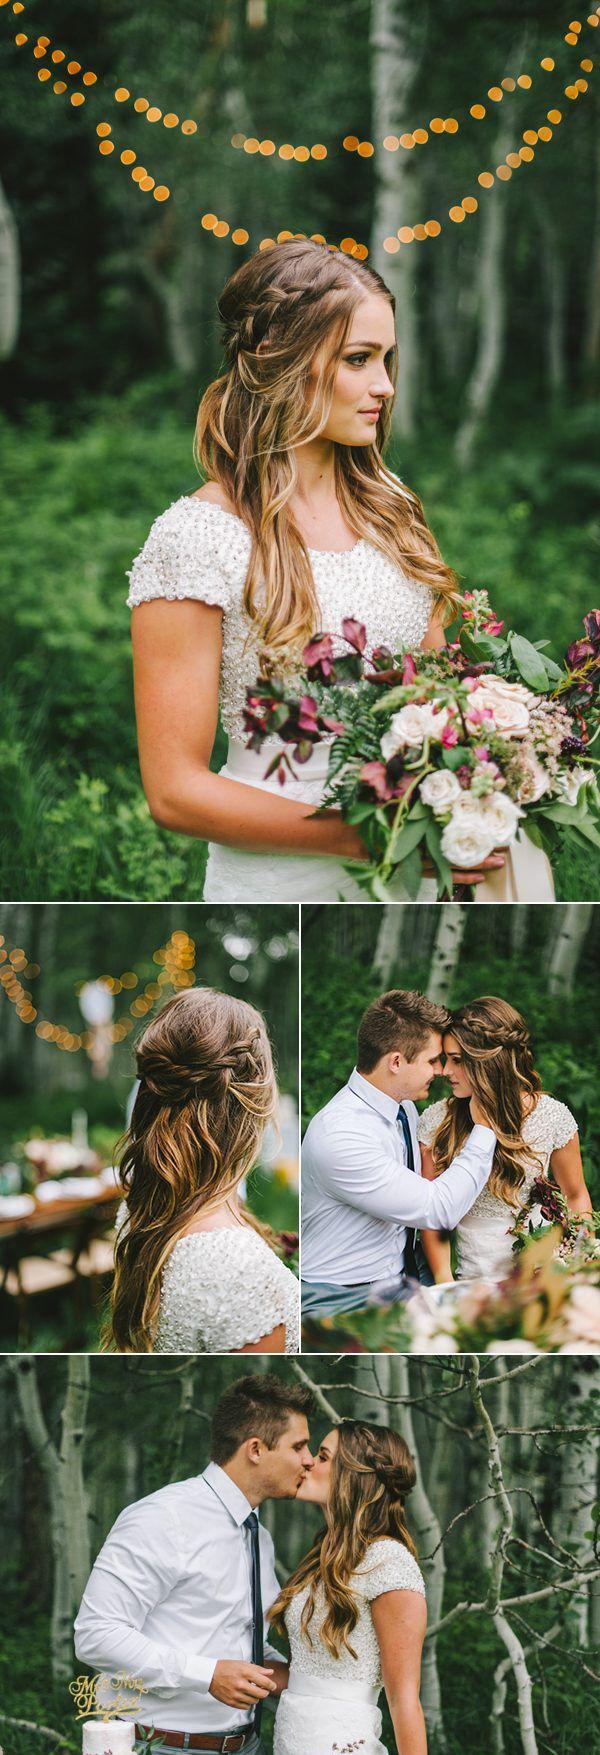 Half up braided bridal hairstyle | Image by Nhiya Kaye Photography